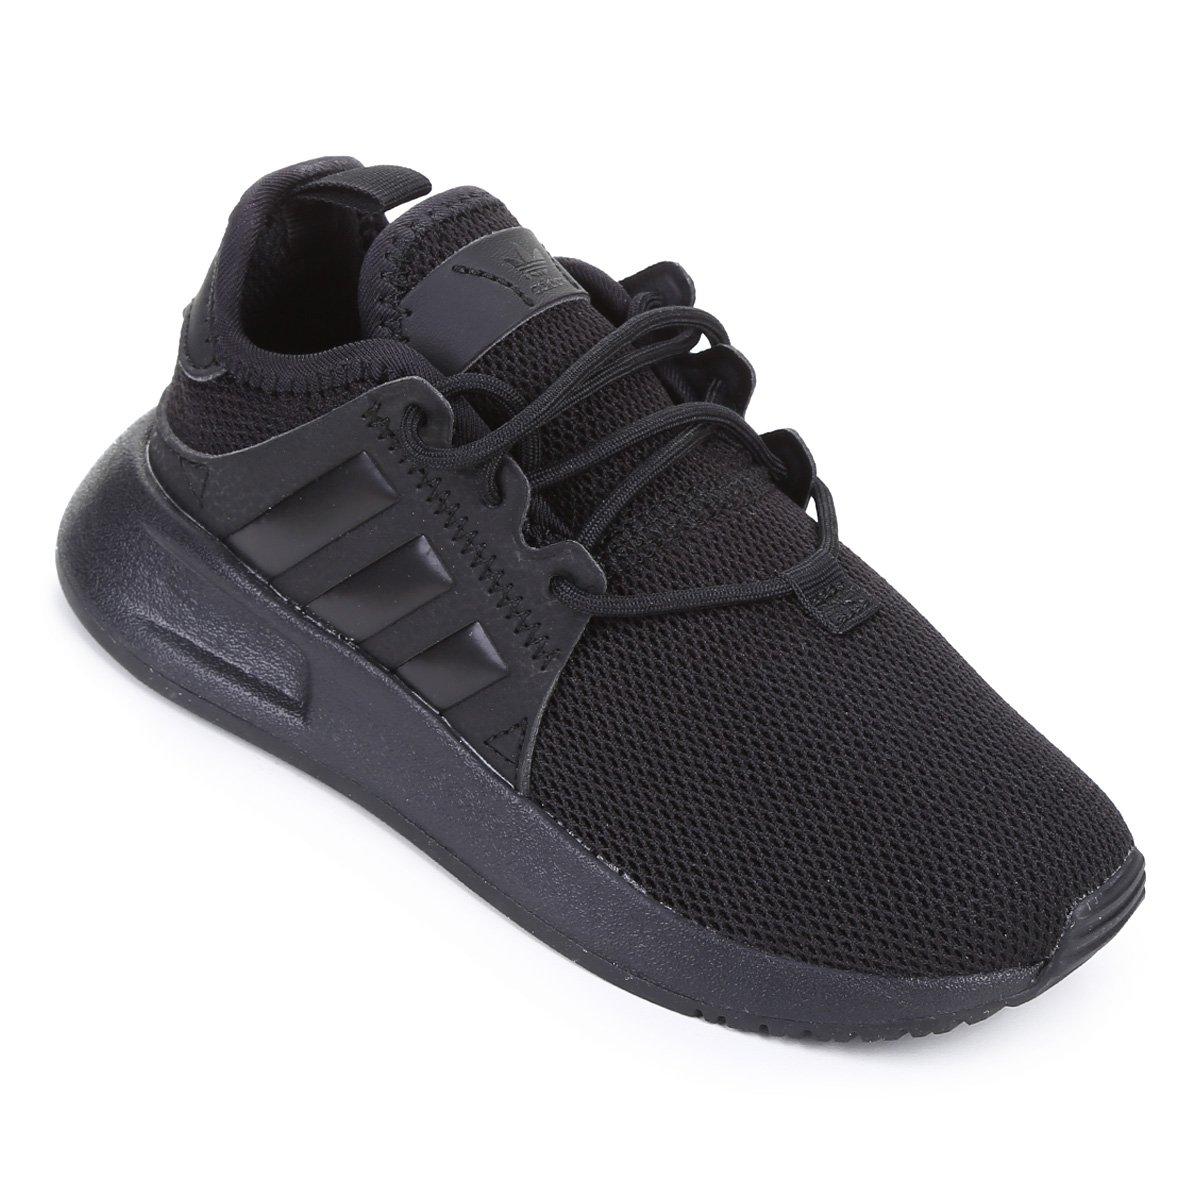 3e73a6e22c5a5 Tênis Infantil Adidas X Plr C - Compre Agora